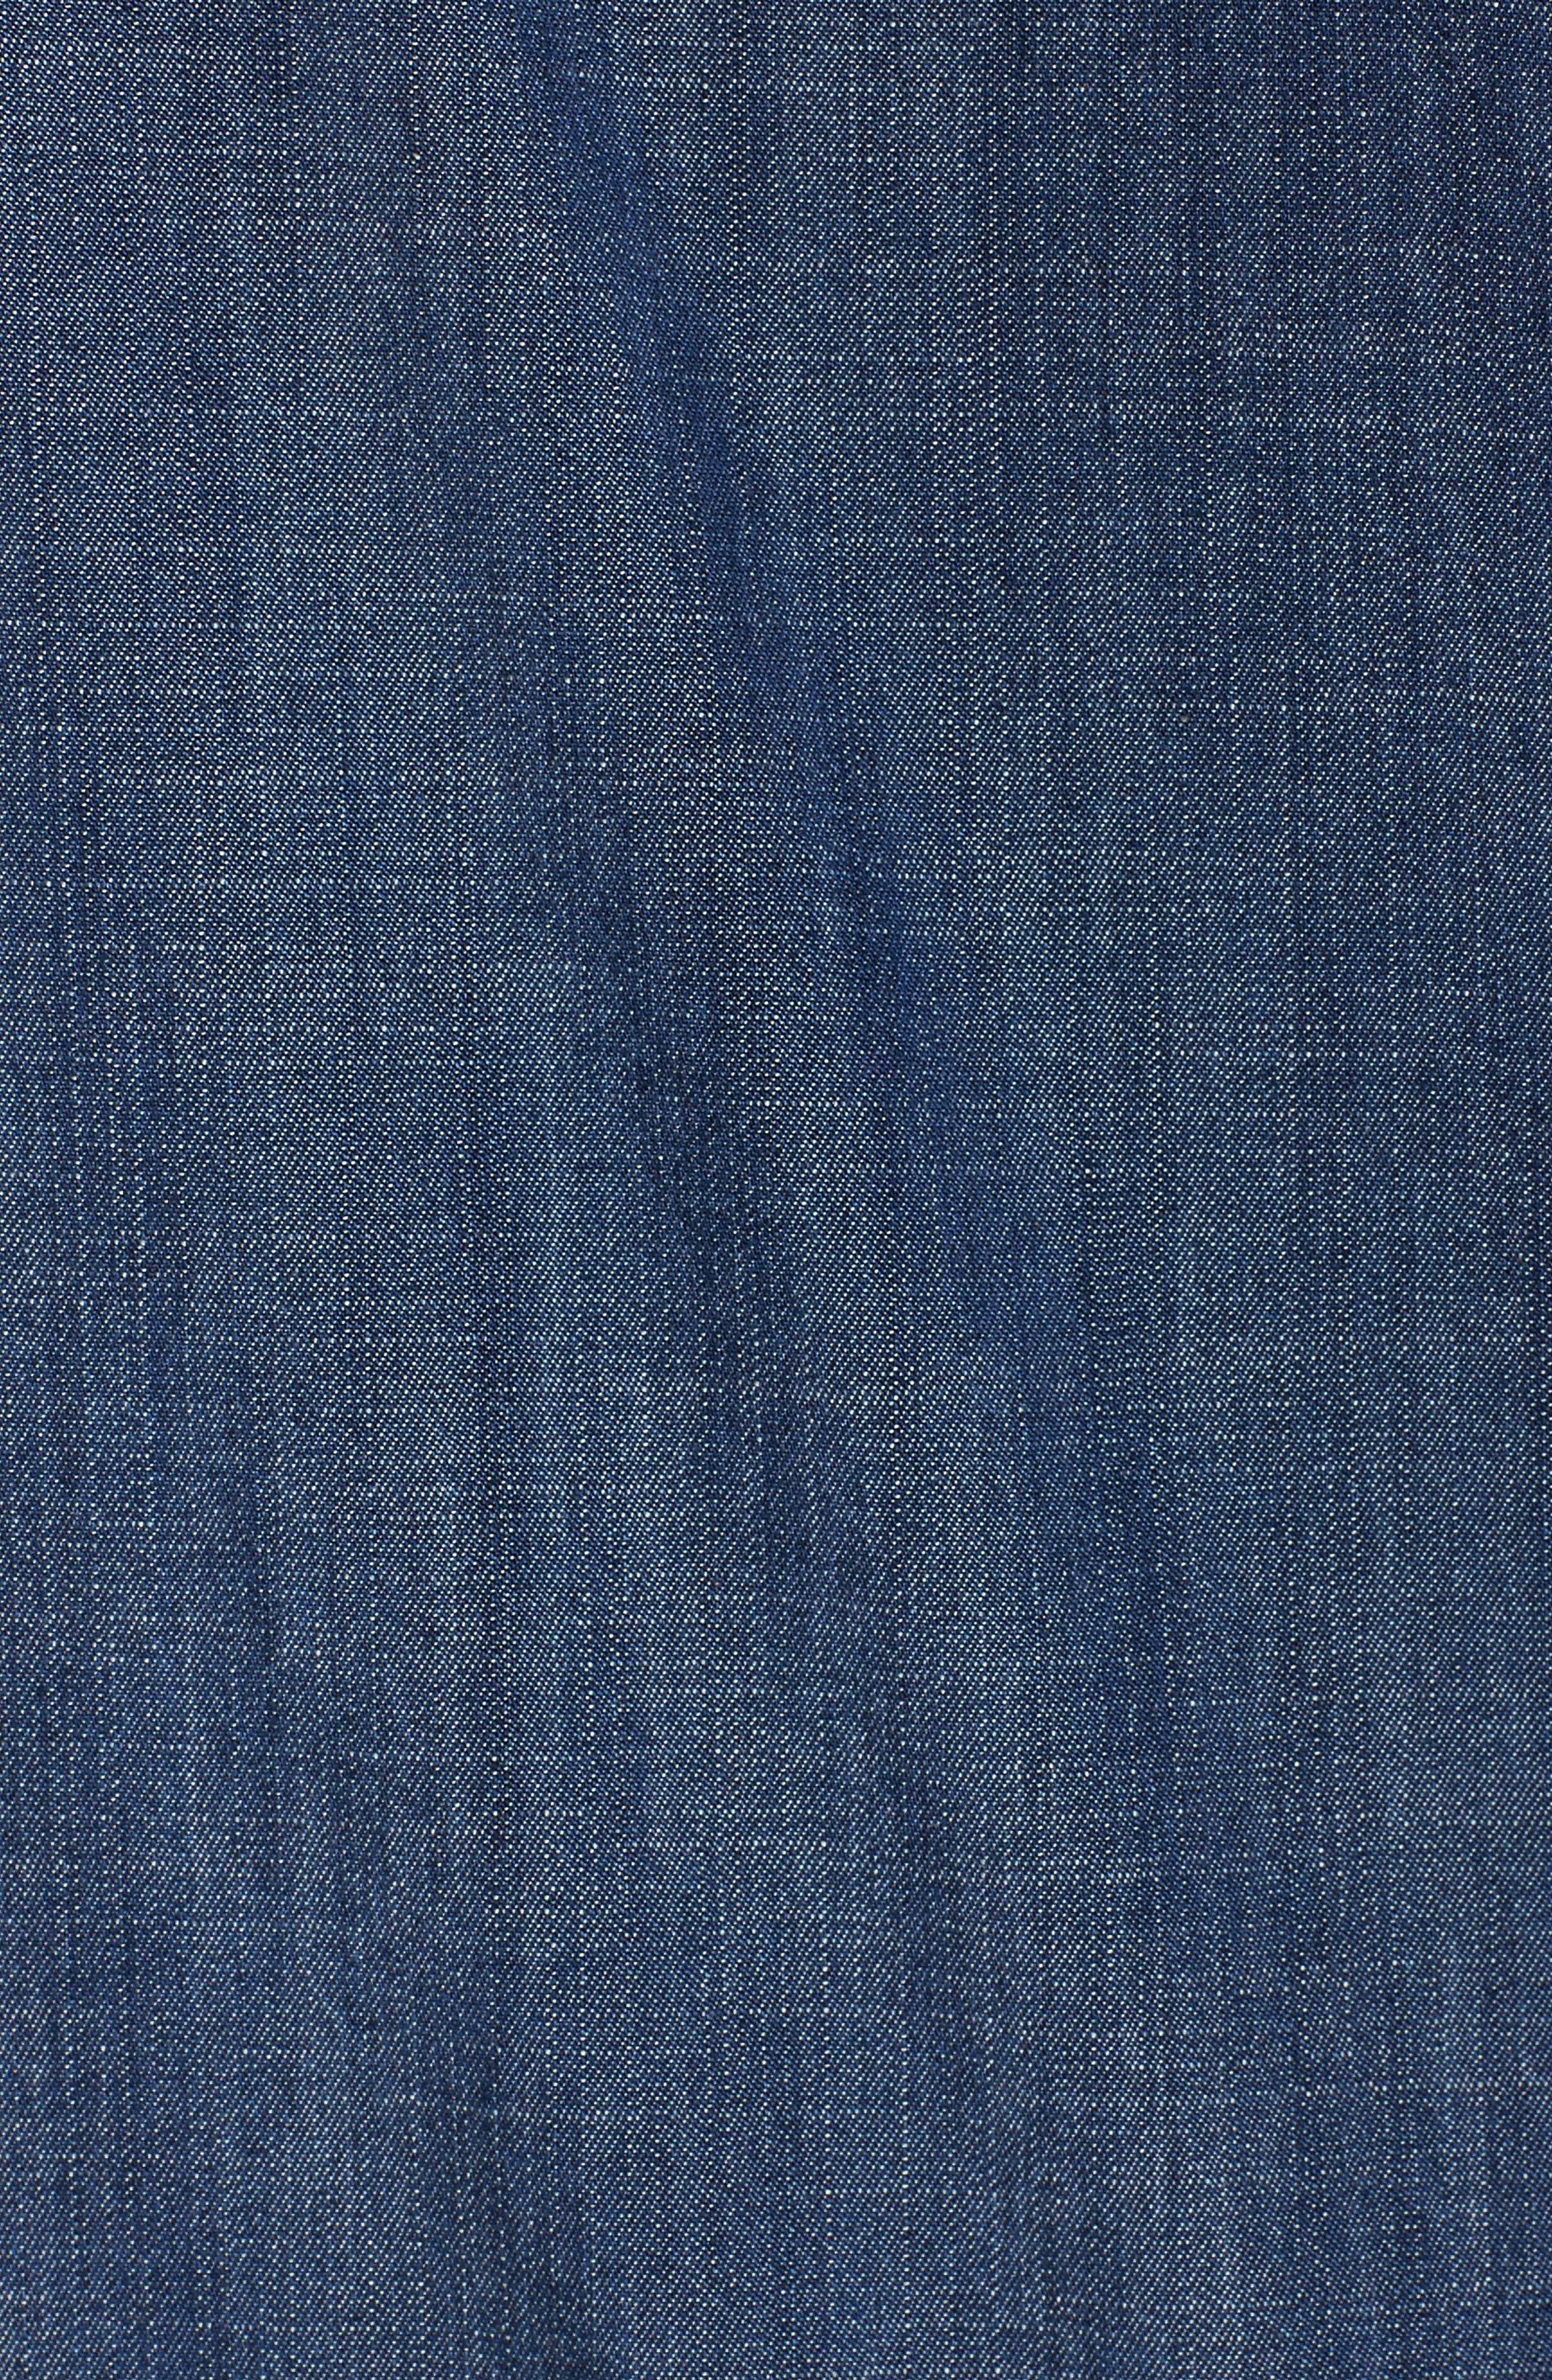 Denim Kimono Jacket,                             Alternate thumbnail 6, color,                             419